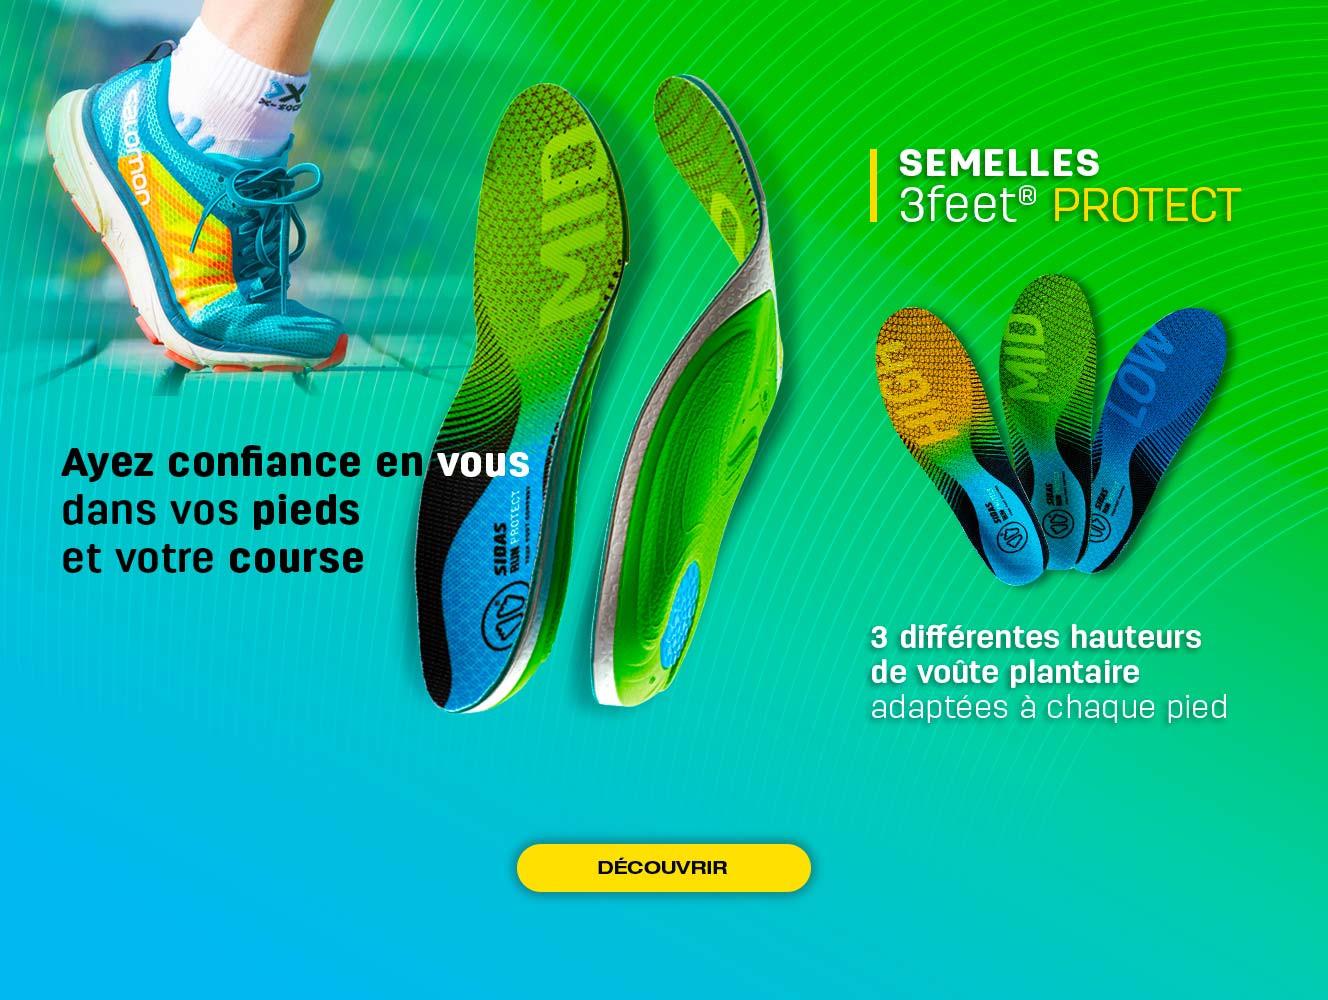 Découvrez notre nouvelle gamme de semelles running Protect adaptées à votre type de pied